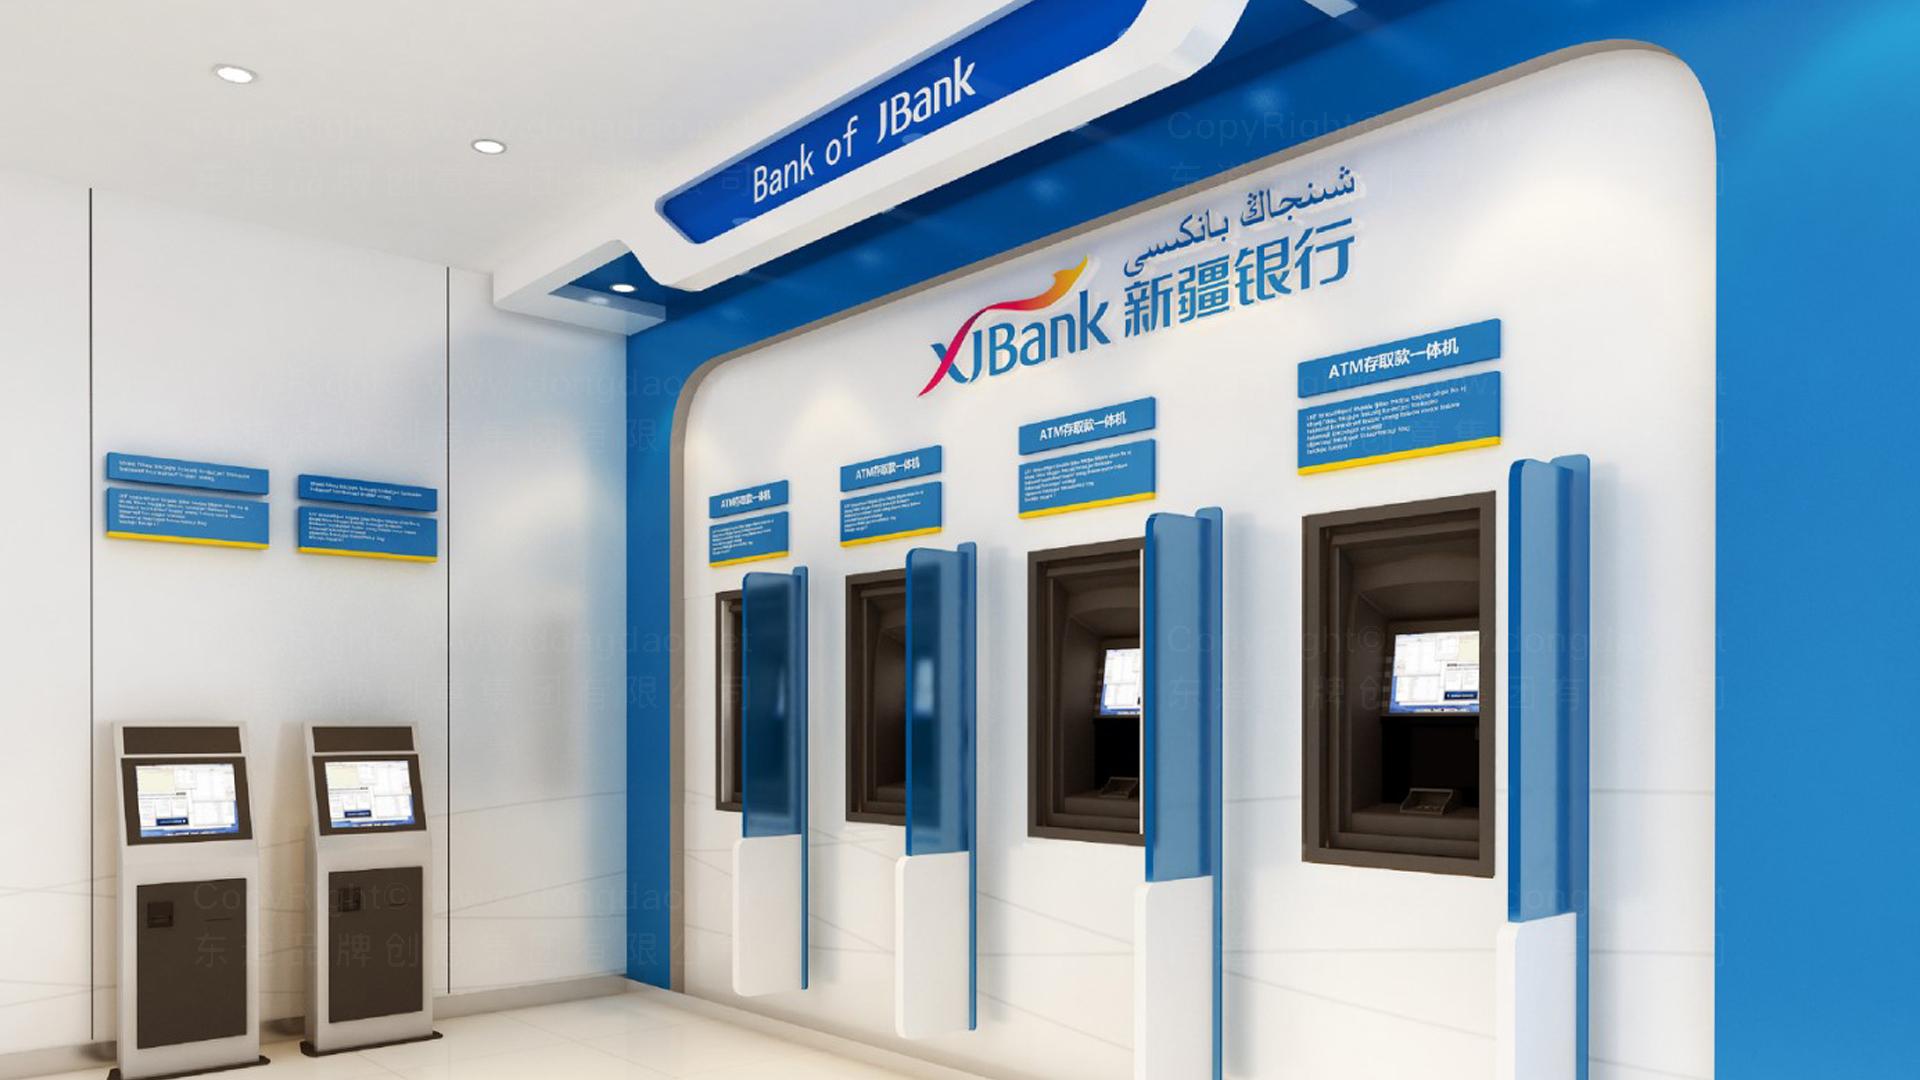 商业空间&导示新疆银行SI设计应用场景_1